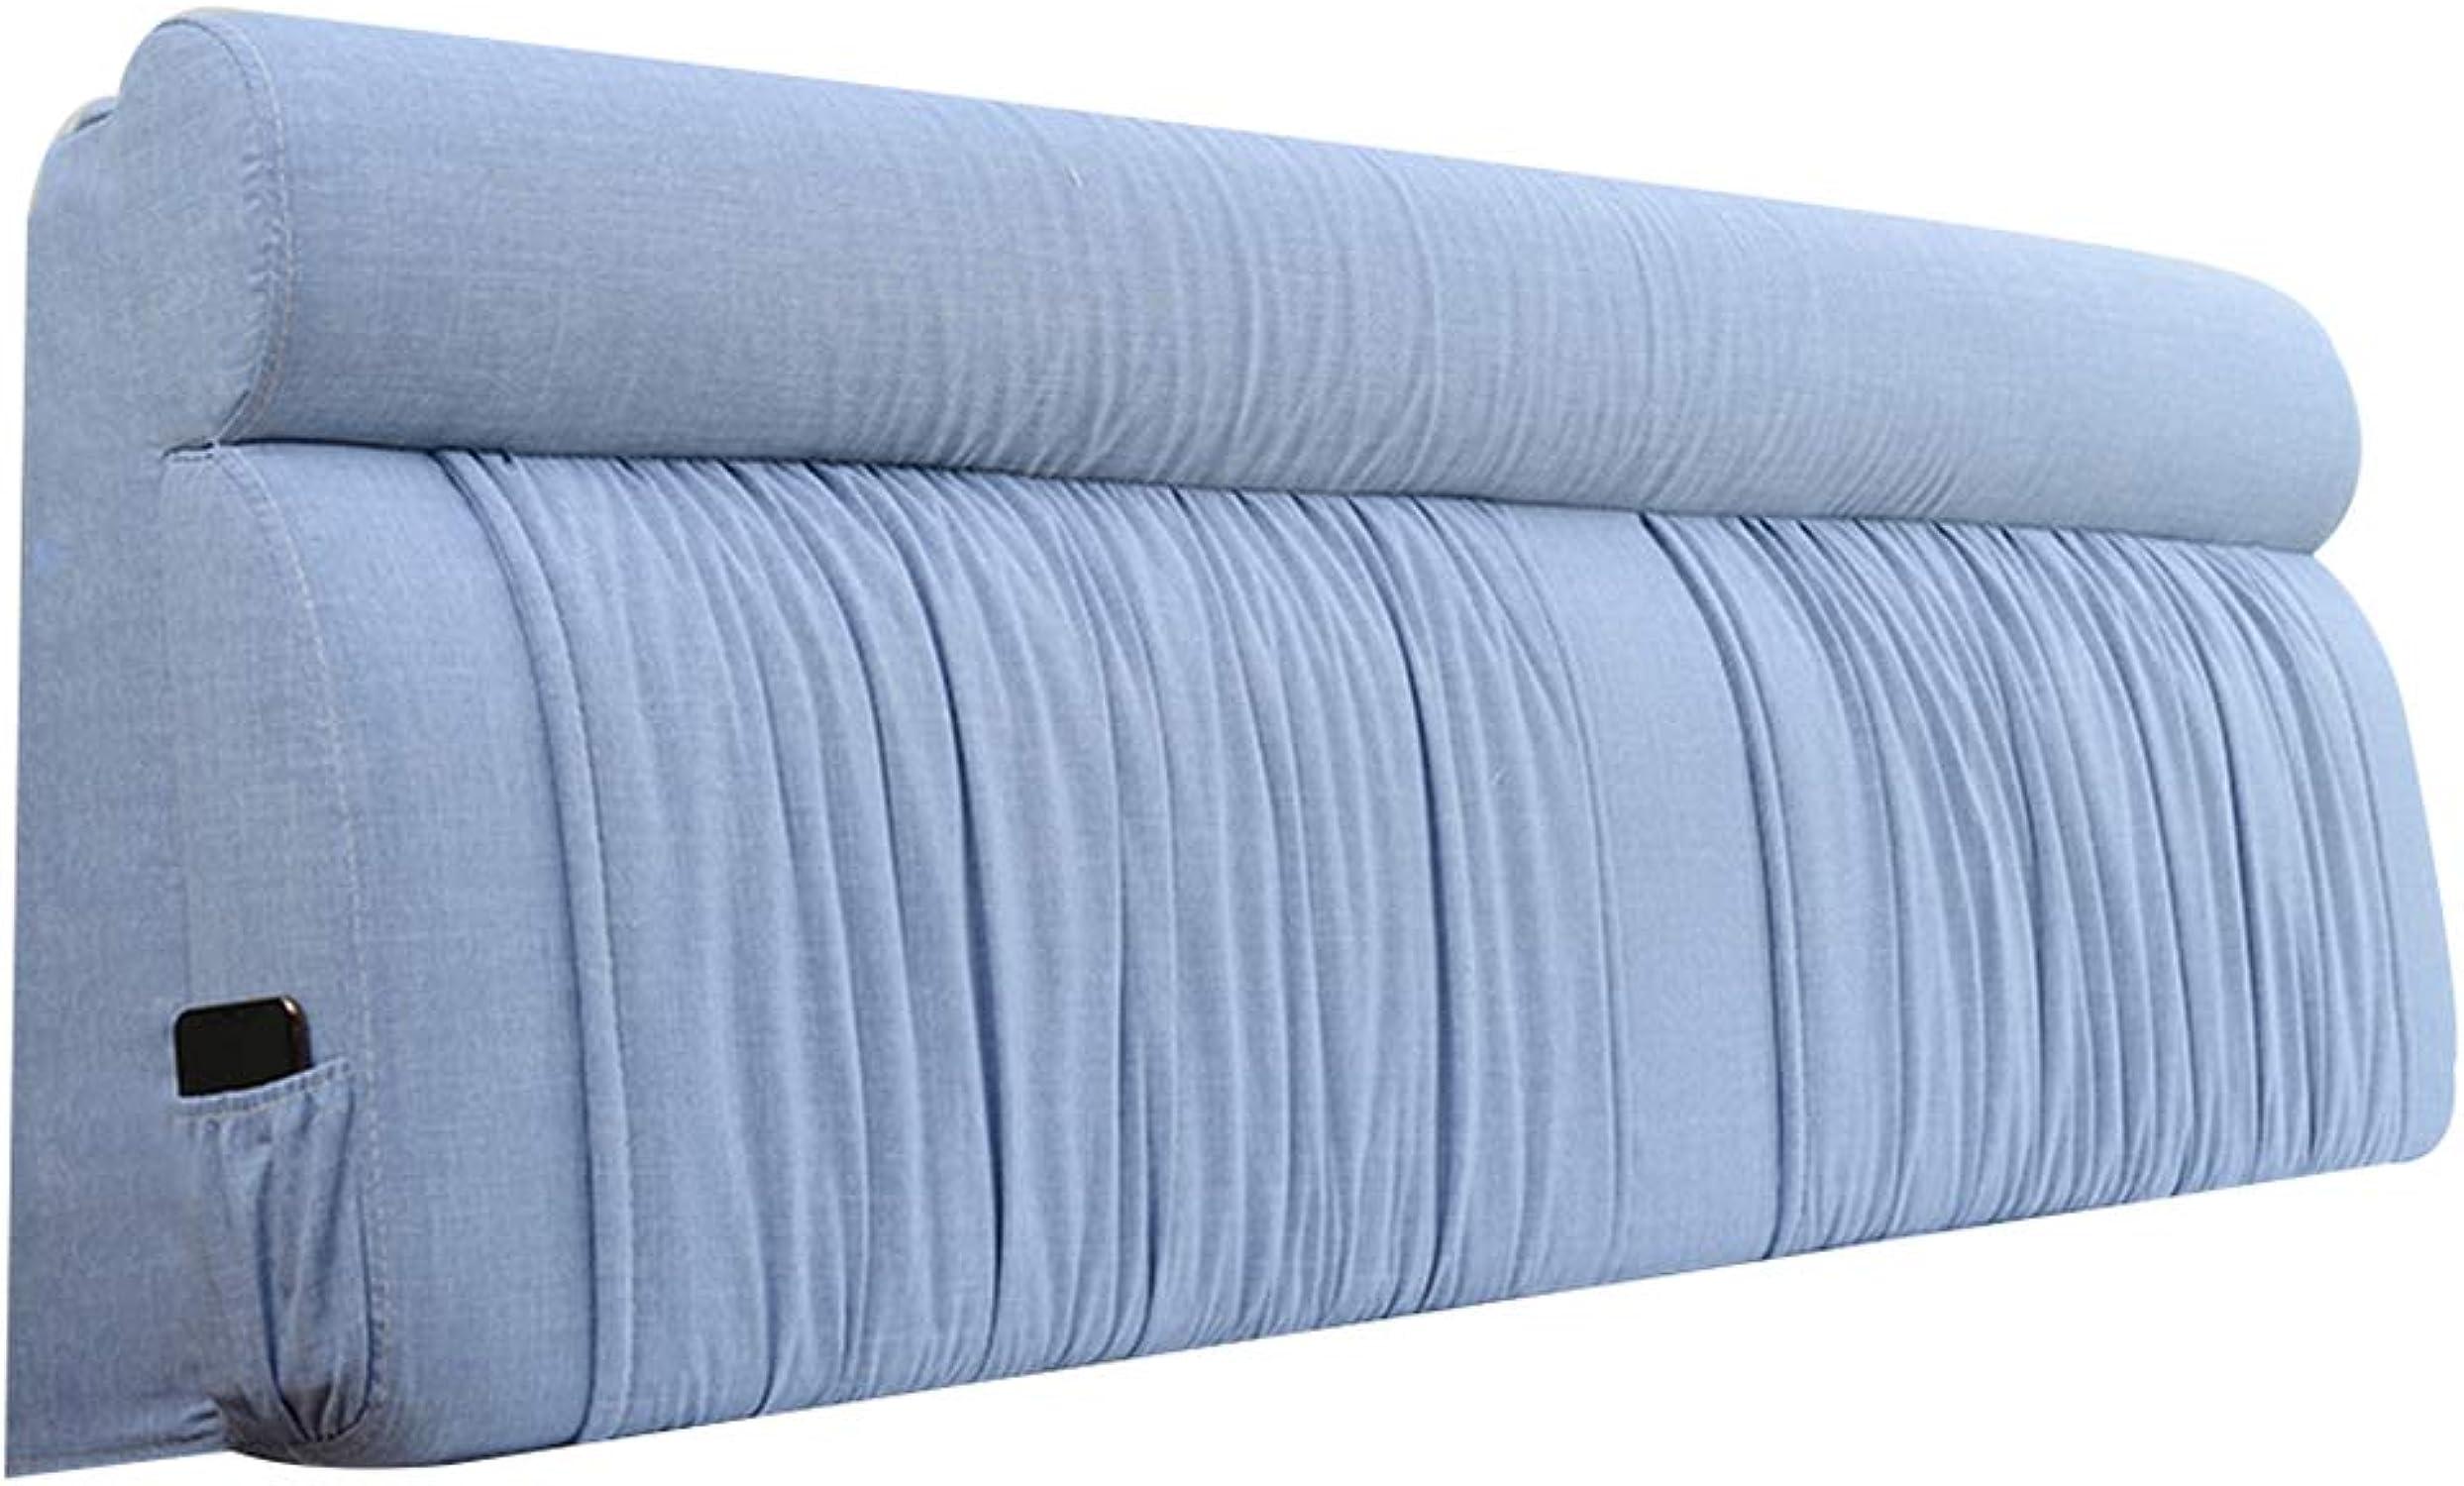 JYW-kaodian Tête De Lit Coussin Wedge PilFaible Housses De Coussins Oreiller étui Souple avec tête de lit Pas de tête de lit 2 Styles, 3 Couleurs 8 Tailles,bleu,withheadboard180cm